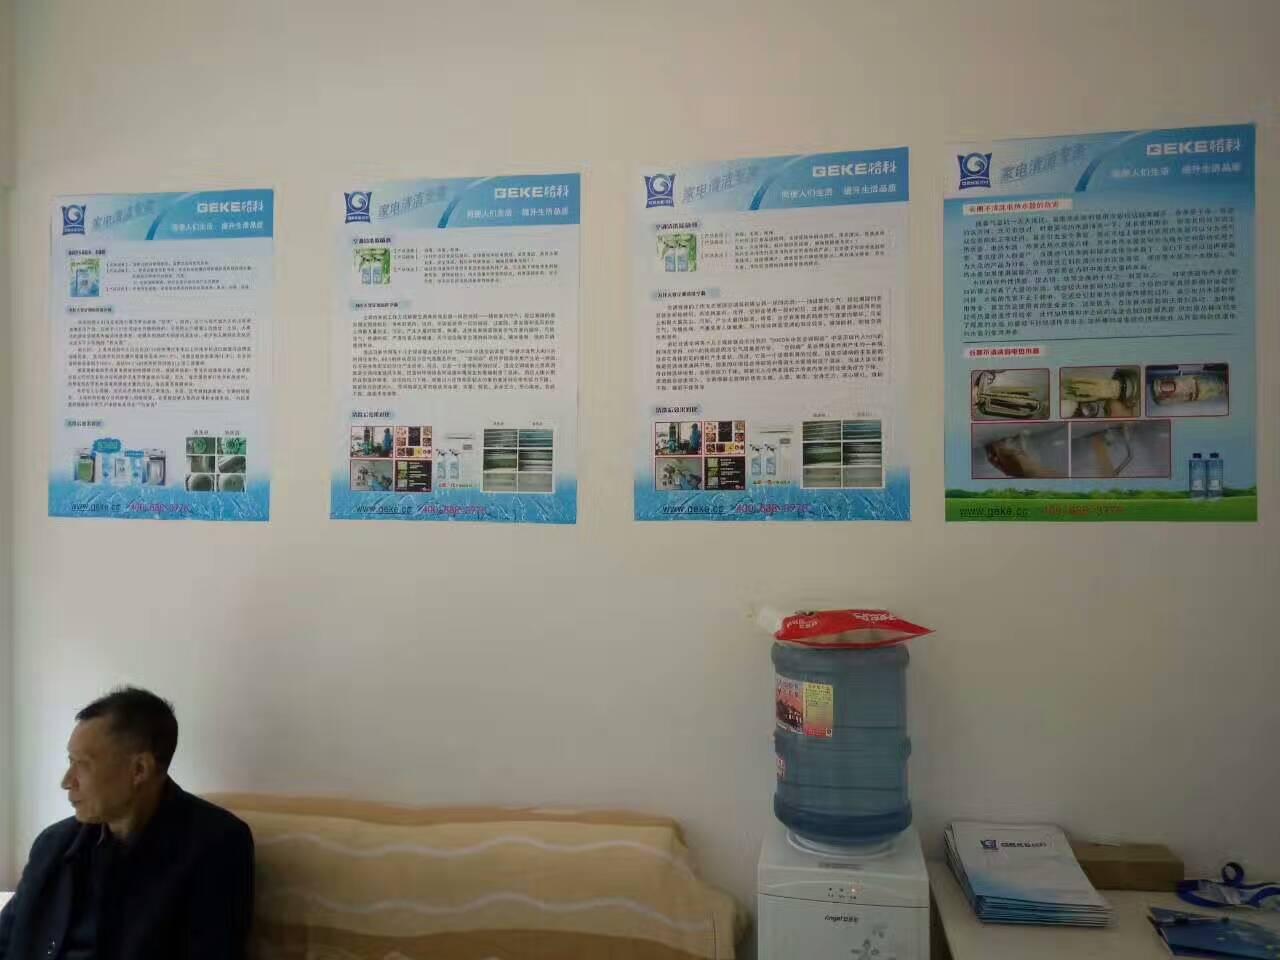 全国家电清洗技术培训机构,格科总部免费培训技术